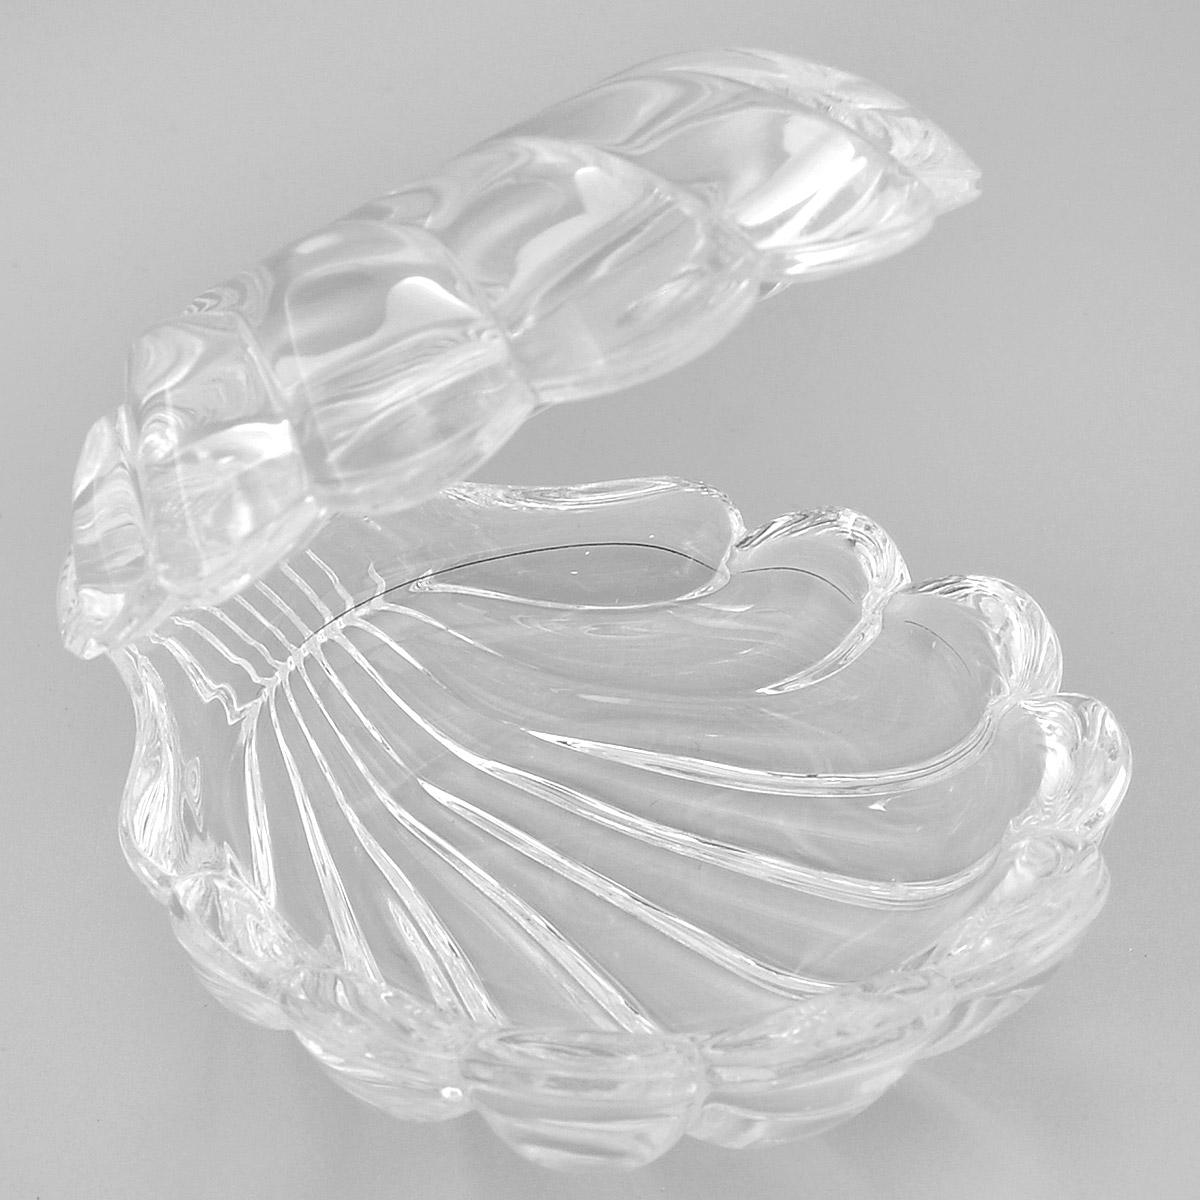 Доза Crystal Bohemia Ракушка, 7,5 х 9 х 8 смPARIS 75015-8C ANTIQUEДоза Crystal Bohemia Ракушка изготовлена из высококачественного хрусталя. Доза выполнена в форме открытой ракушки и сочетает в себе изысканный дизайн с максимальной функциональностью. Она прекрасно впишется в интерьер вашего дома. Доза подчеркнет прекрасный вкус хозяйки и станет отличным подарком.